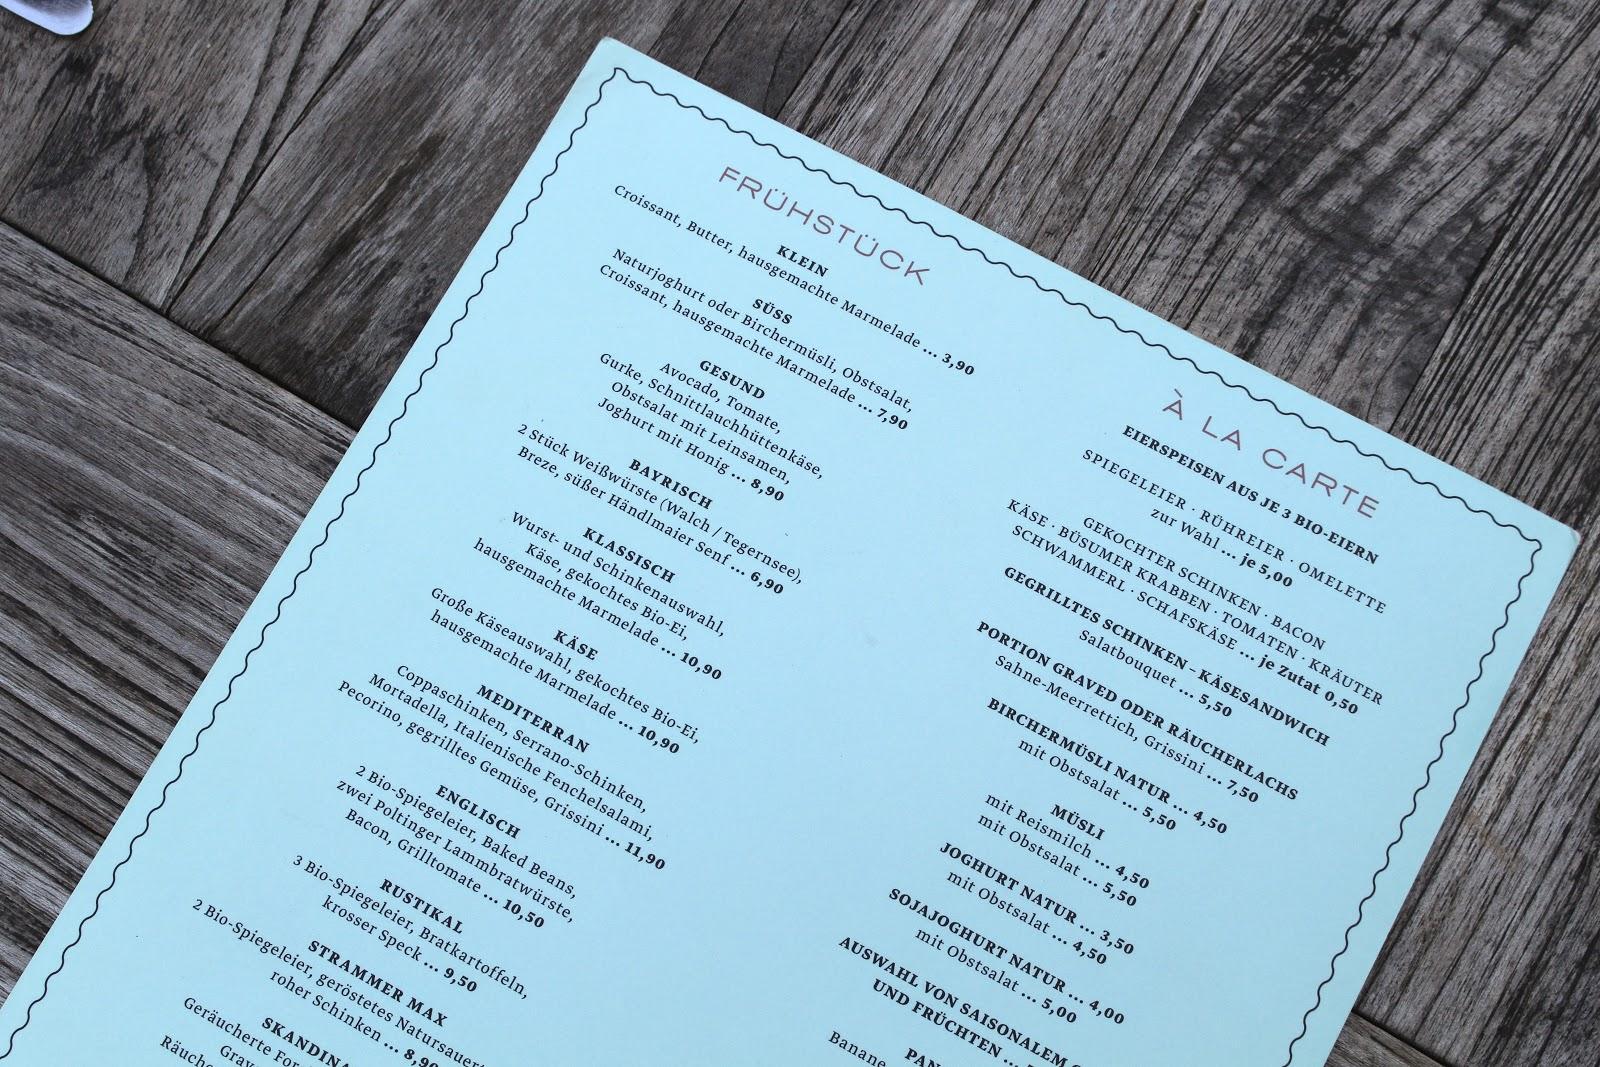 Café Reitschule frühstück menu Munich